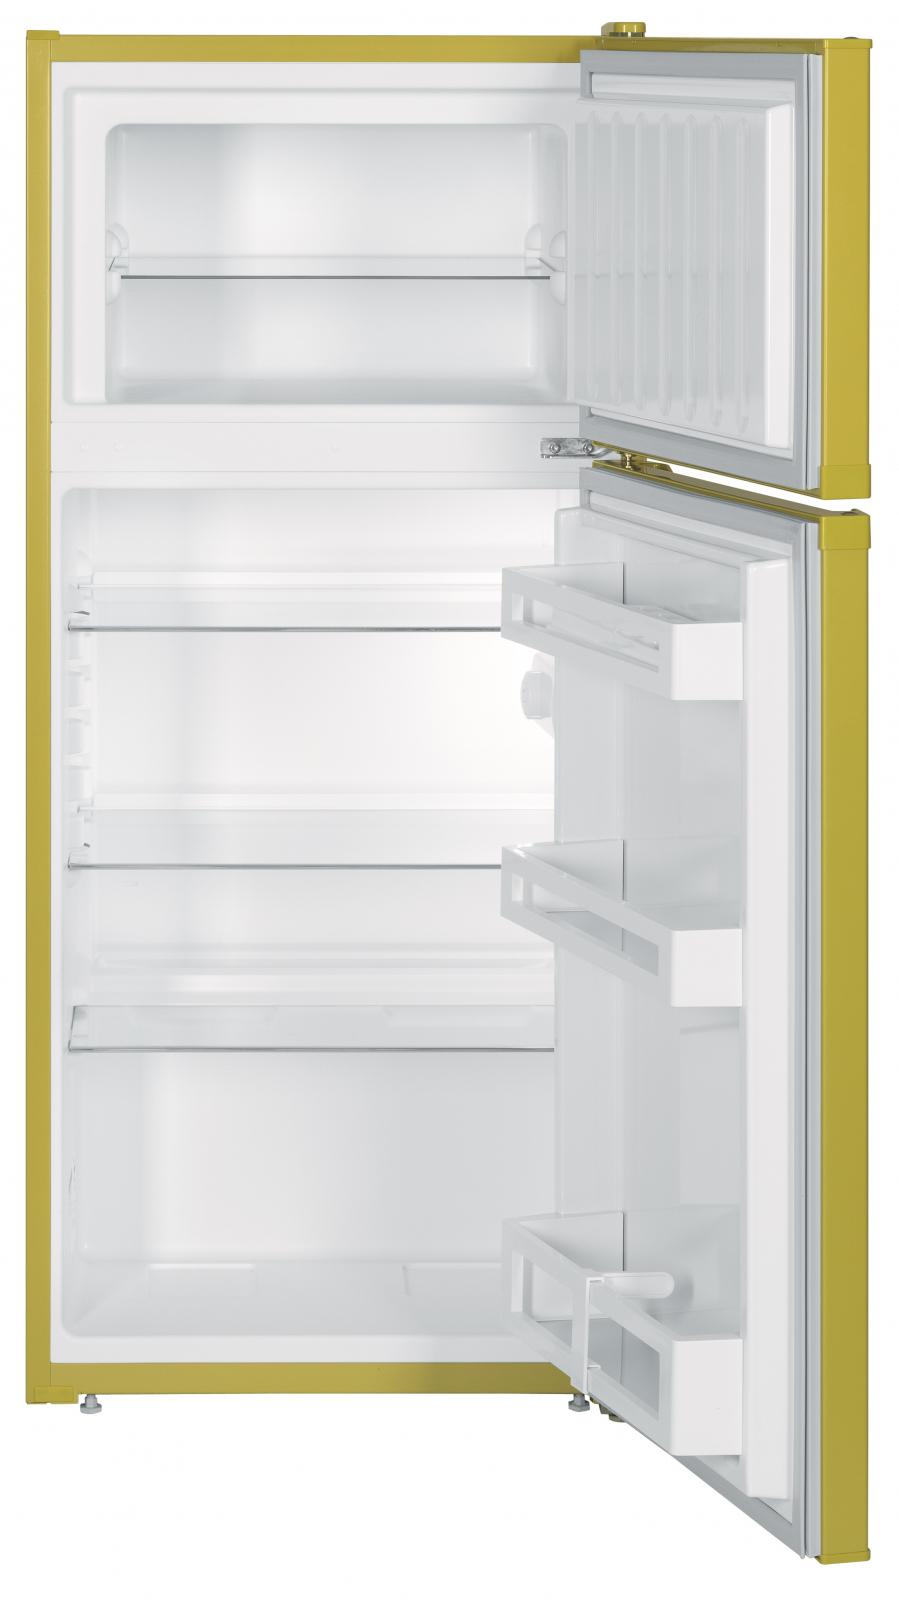 купить Двухкамерный холодильник Liebherr CTPag 2121 Украина фото 2